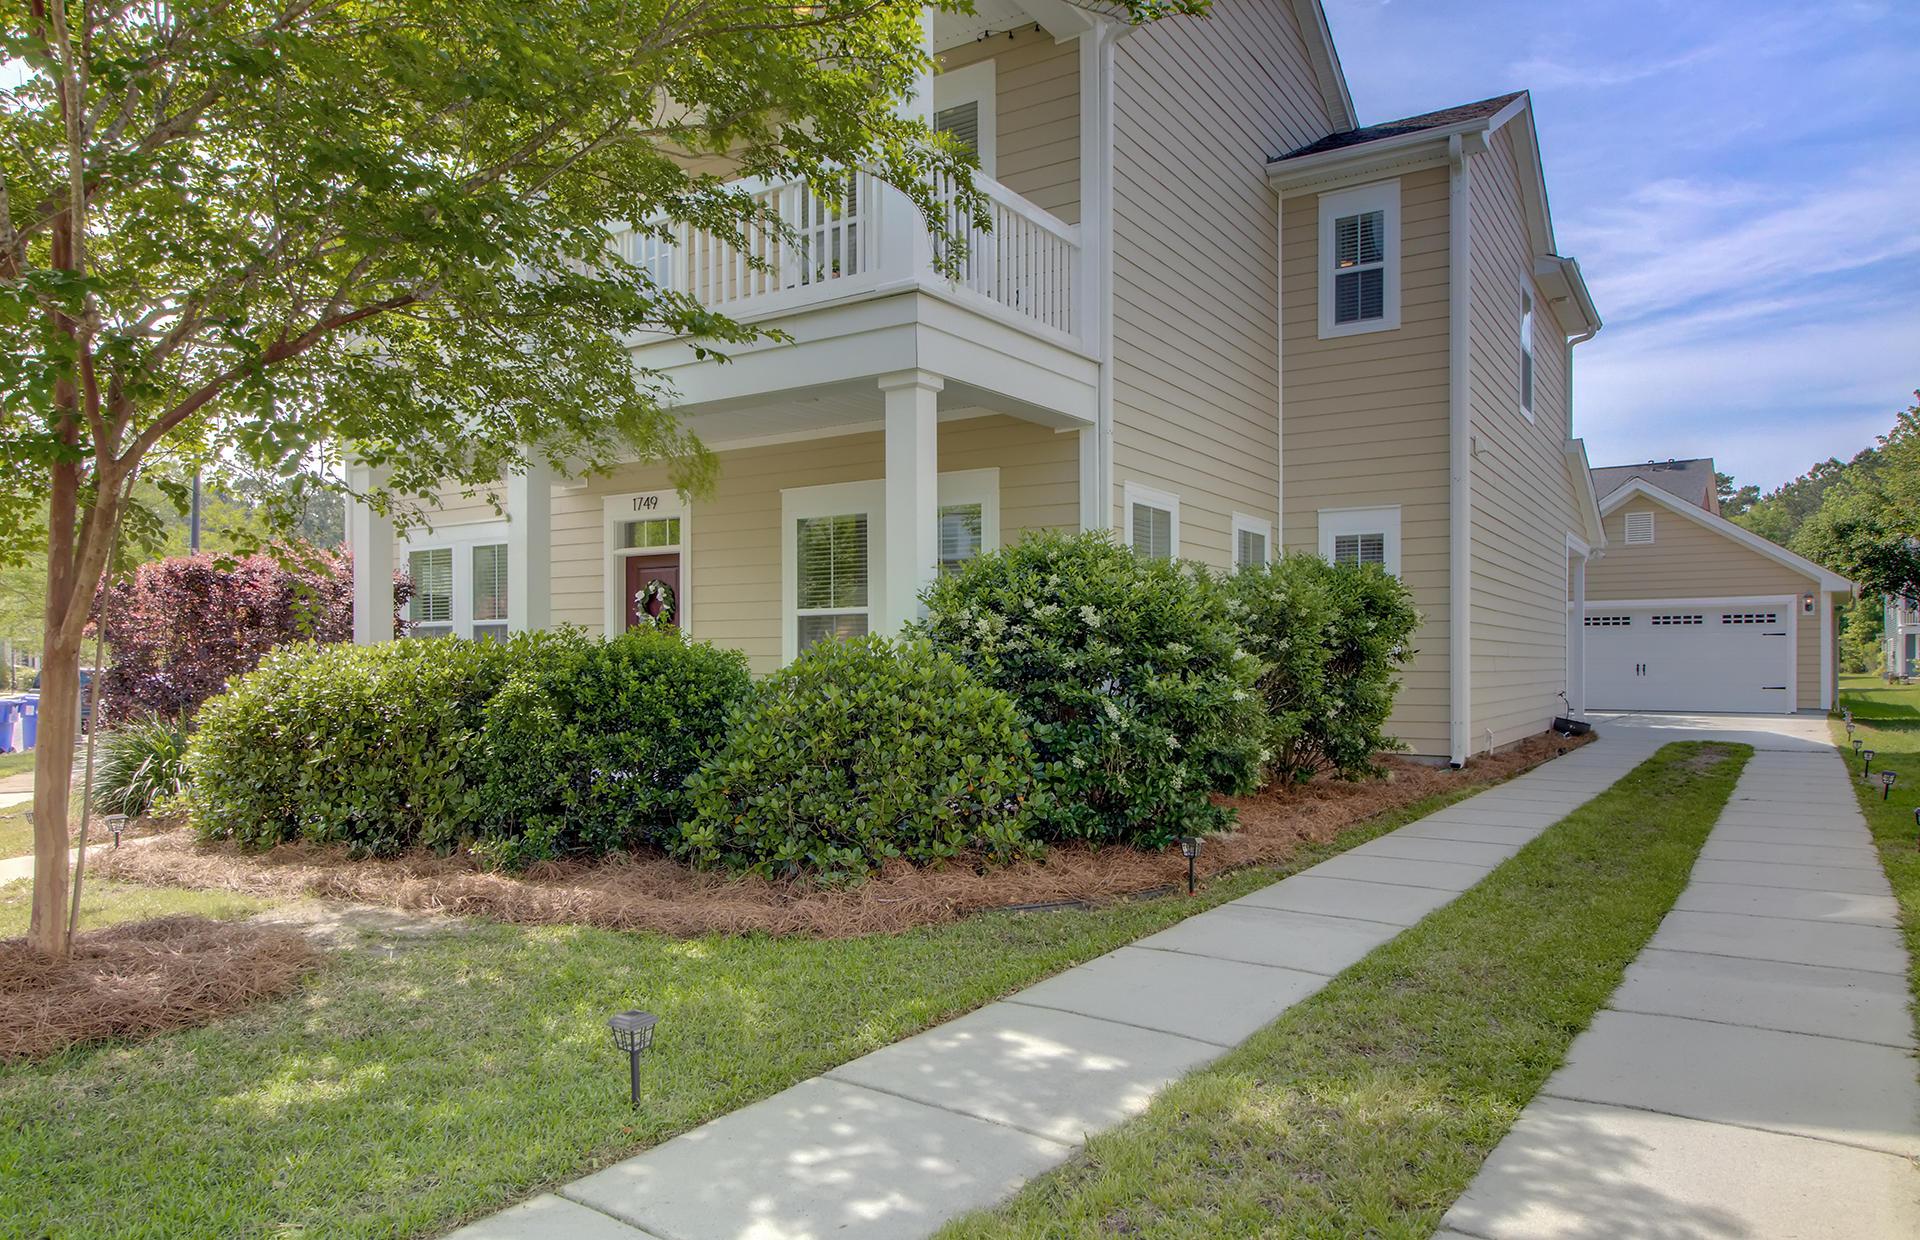 Boltons Landing Homes For Sale - 1749 Batten, Charleston, SC - 1